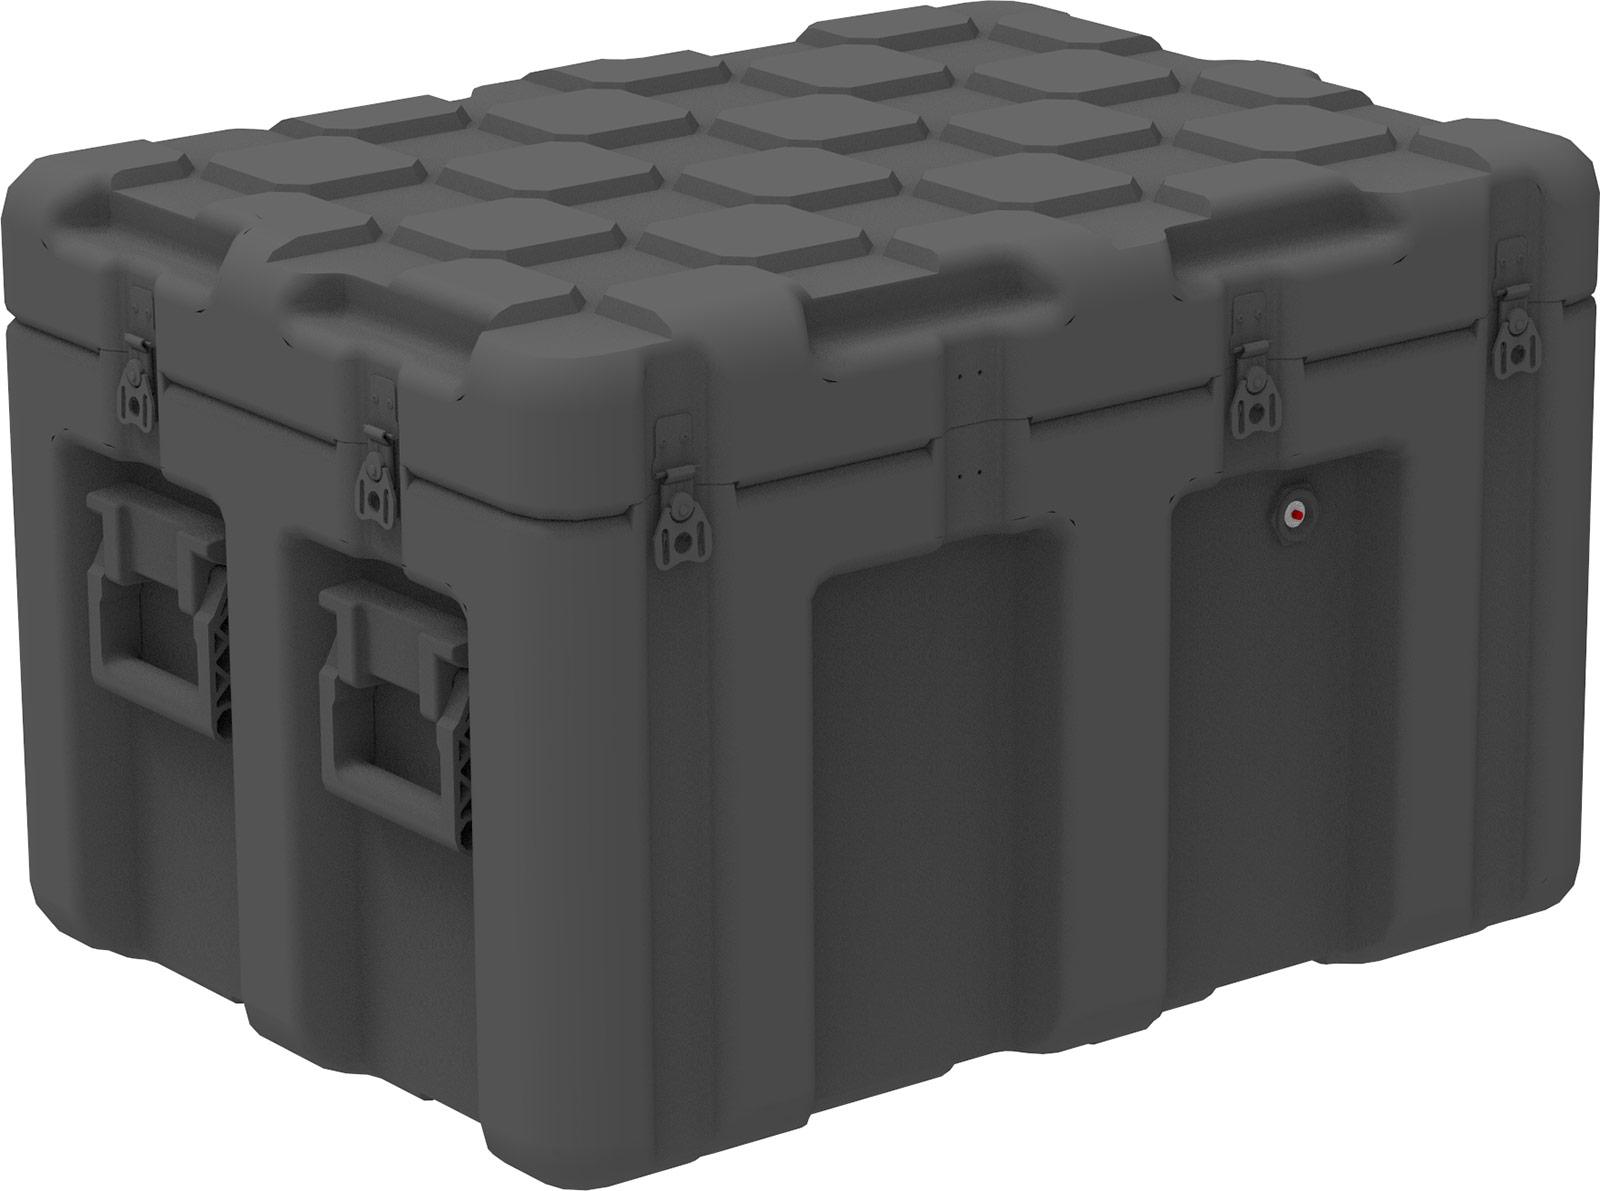 peli eu080060 4010 blk 032 shipping case